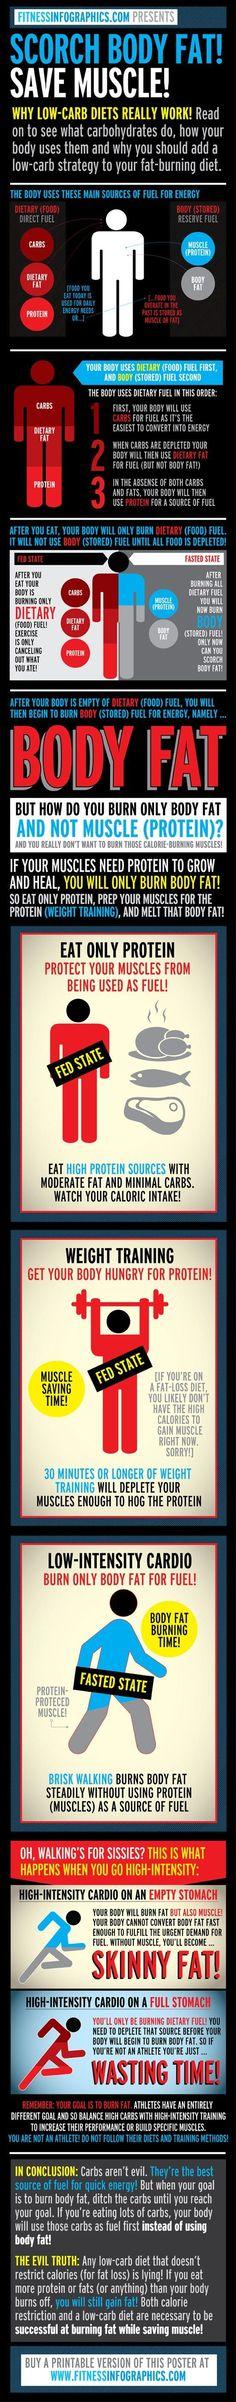 3 day fat burning workout plan